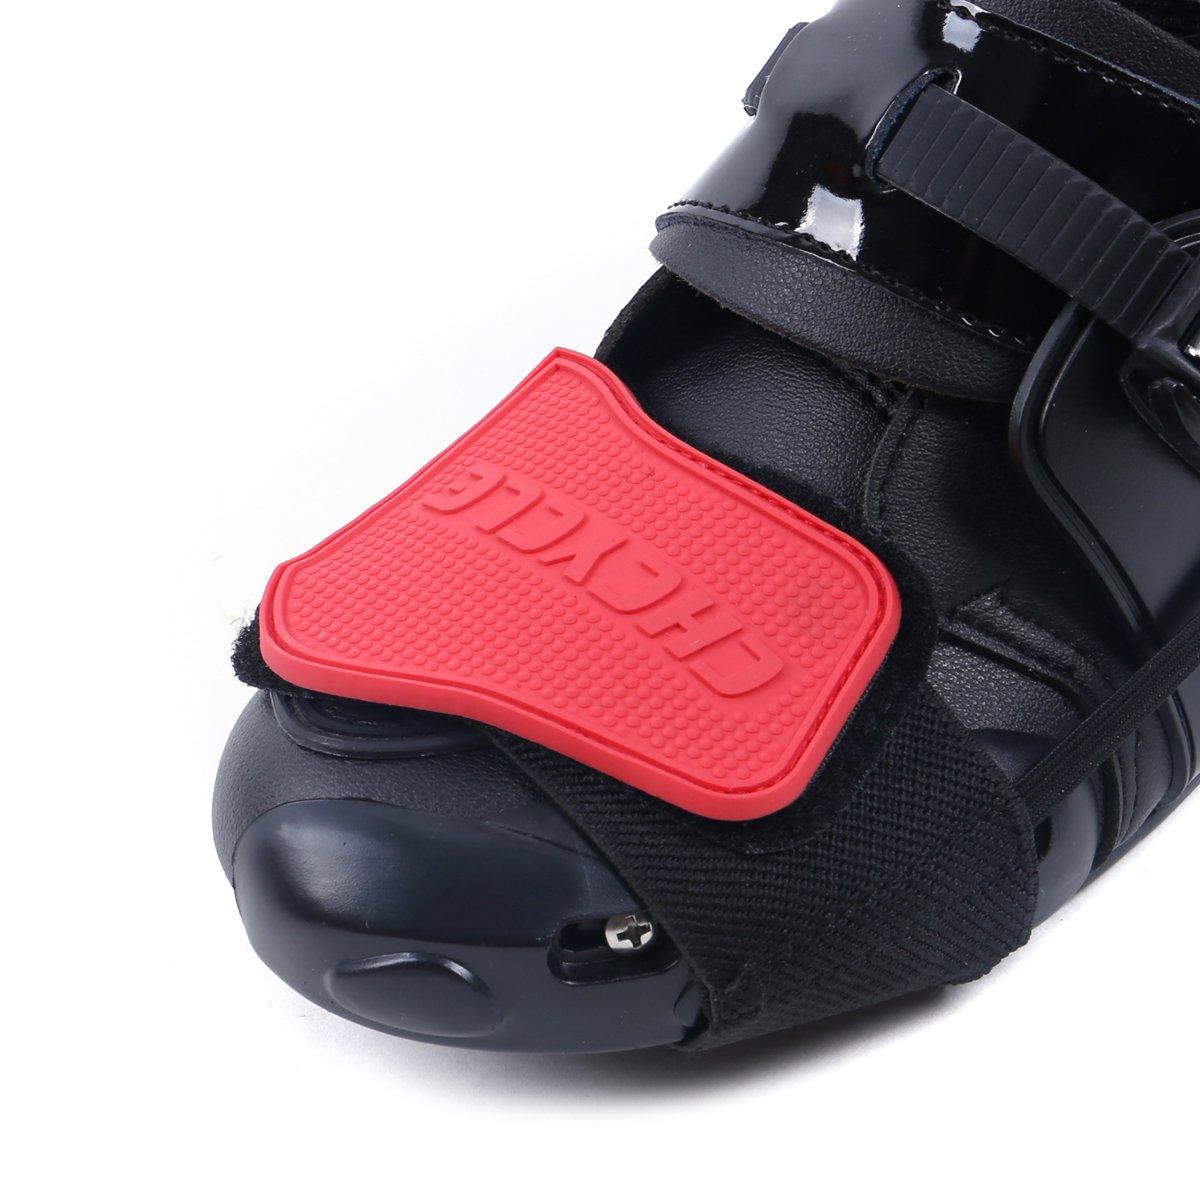 Madbike Accesorios de Cambio de Engranaje para Zapatos Botas de Motocicleta Protector (Black) Lening SP02BK